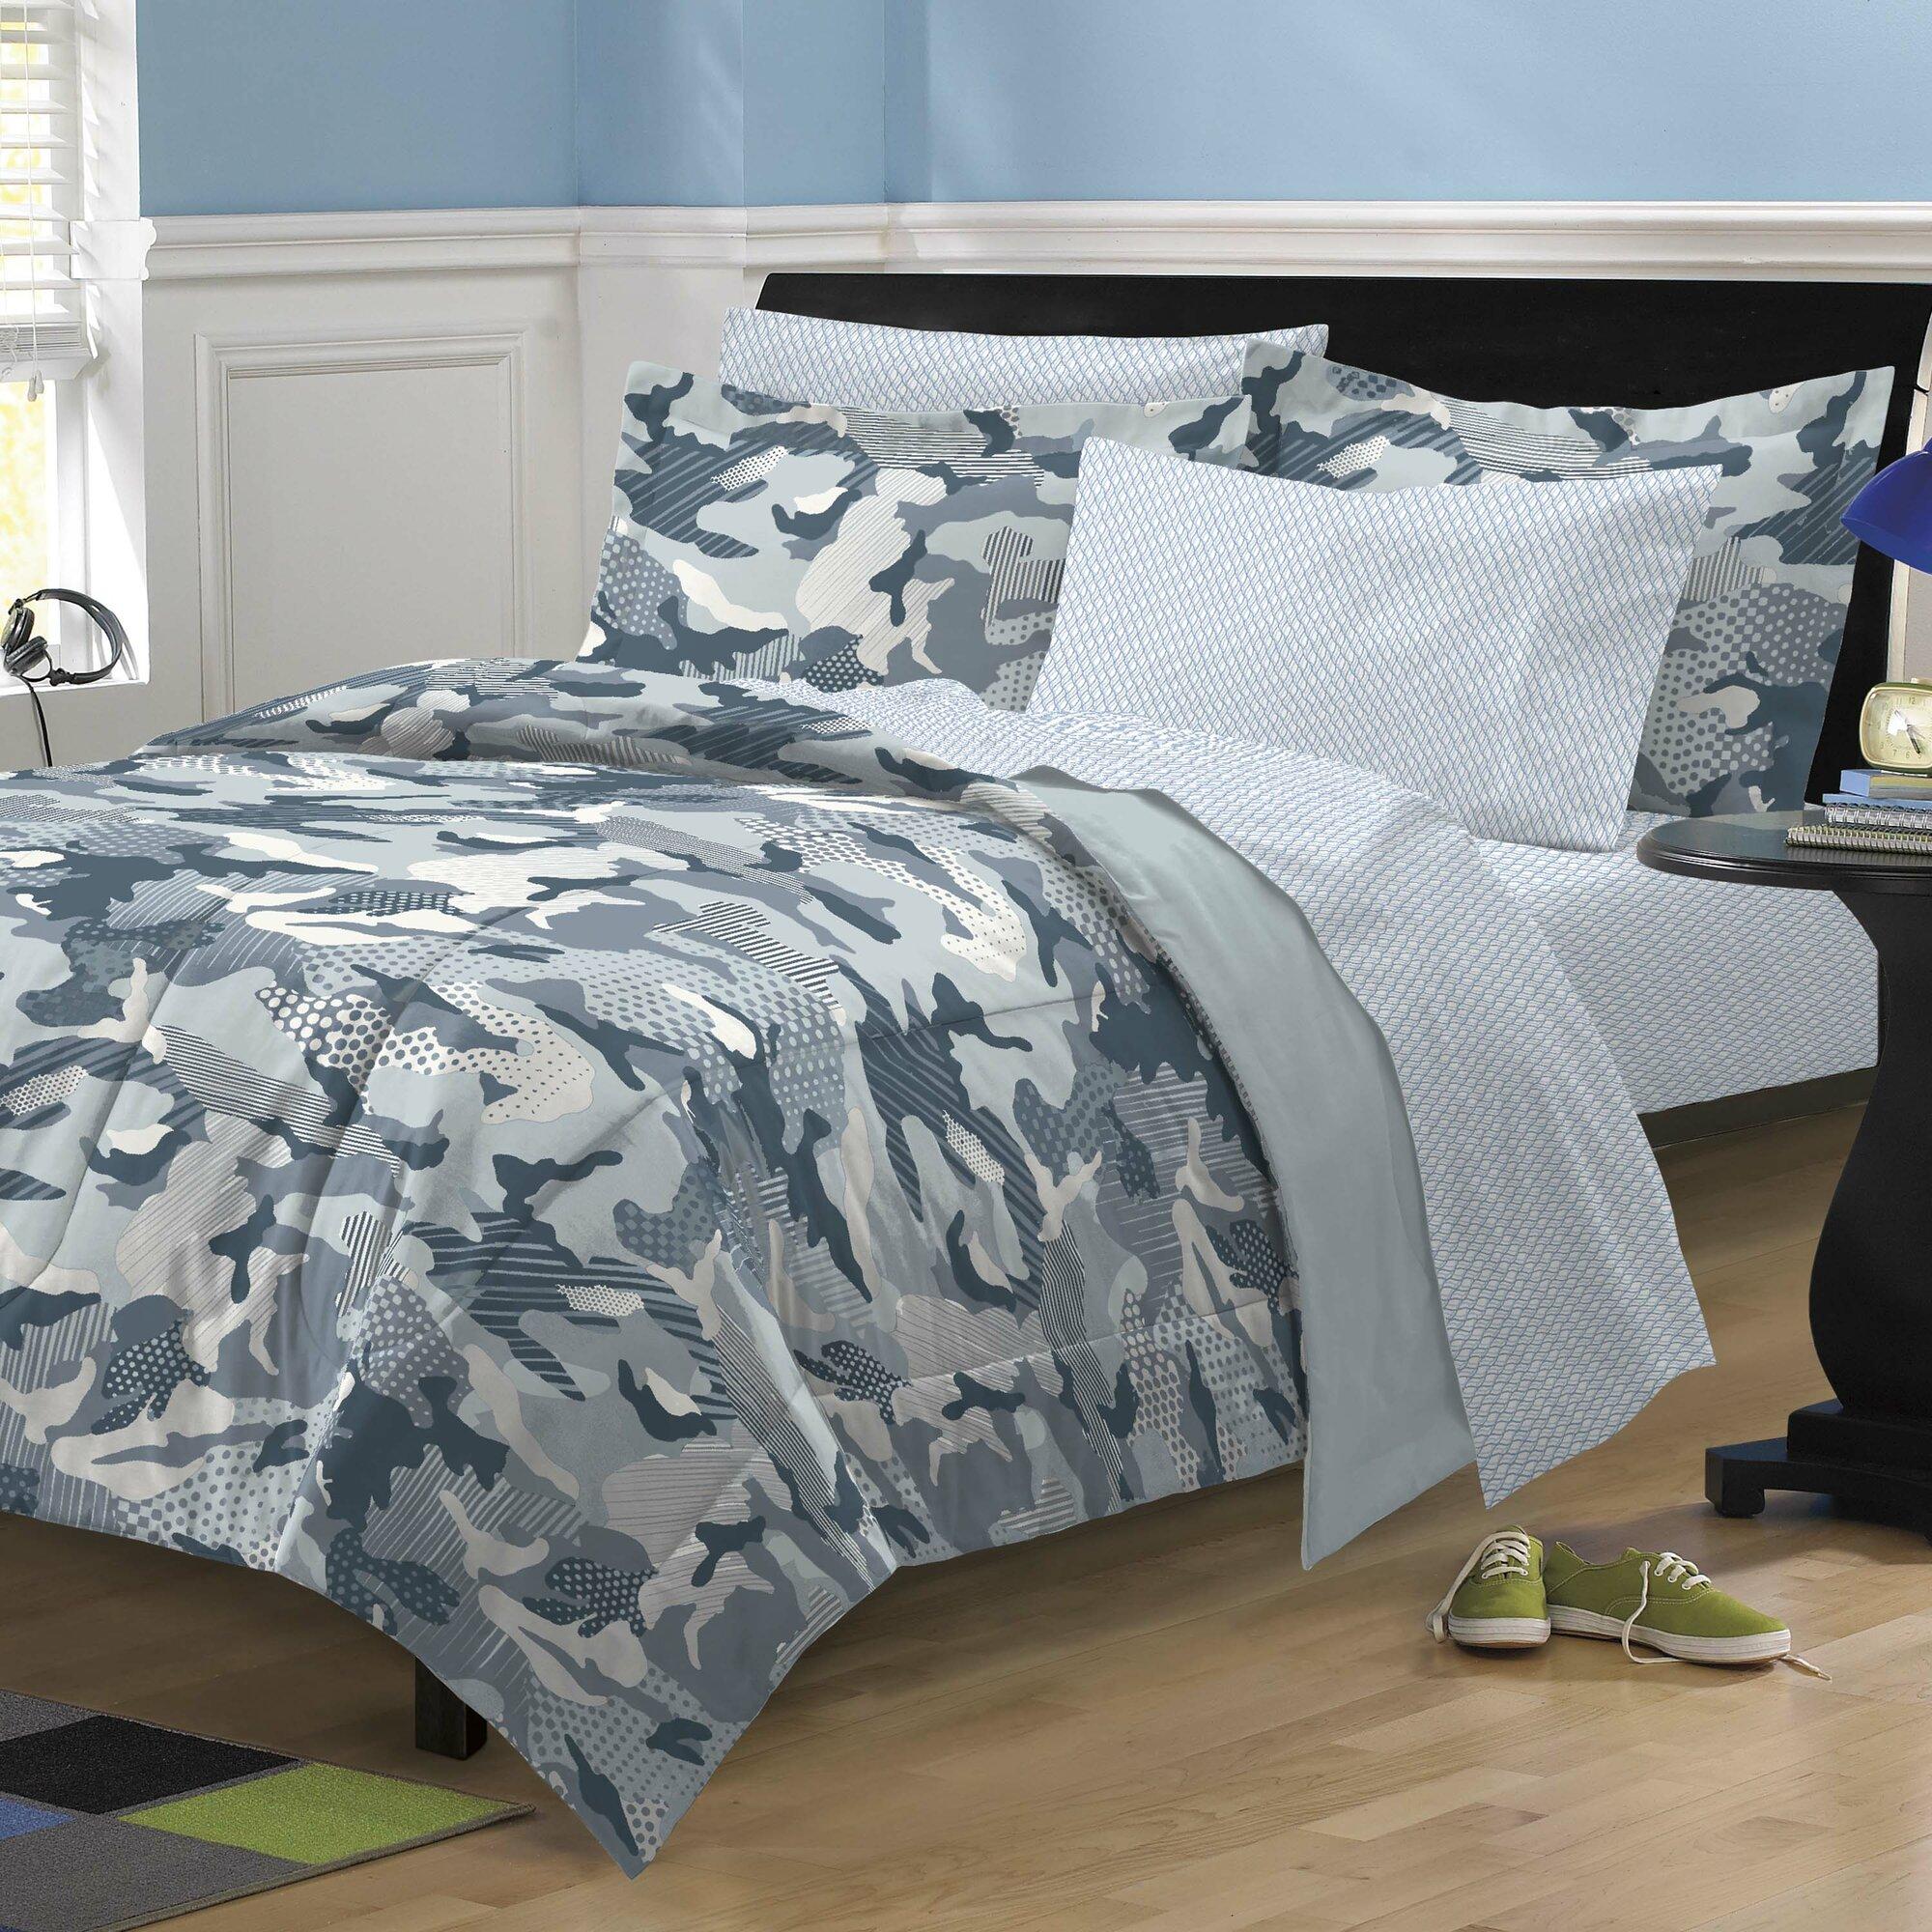 = Dorm Room Ideas For The Guys